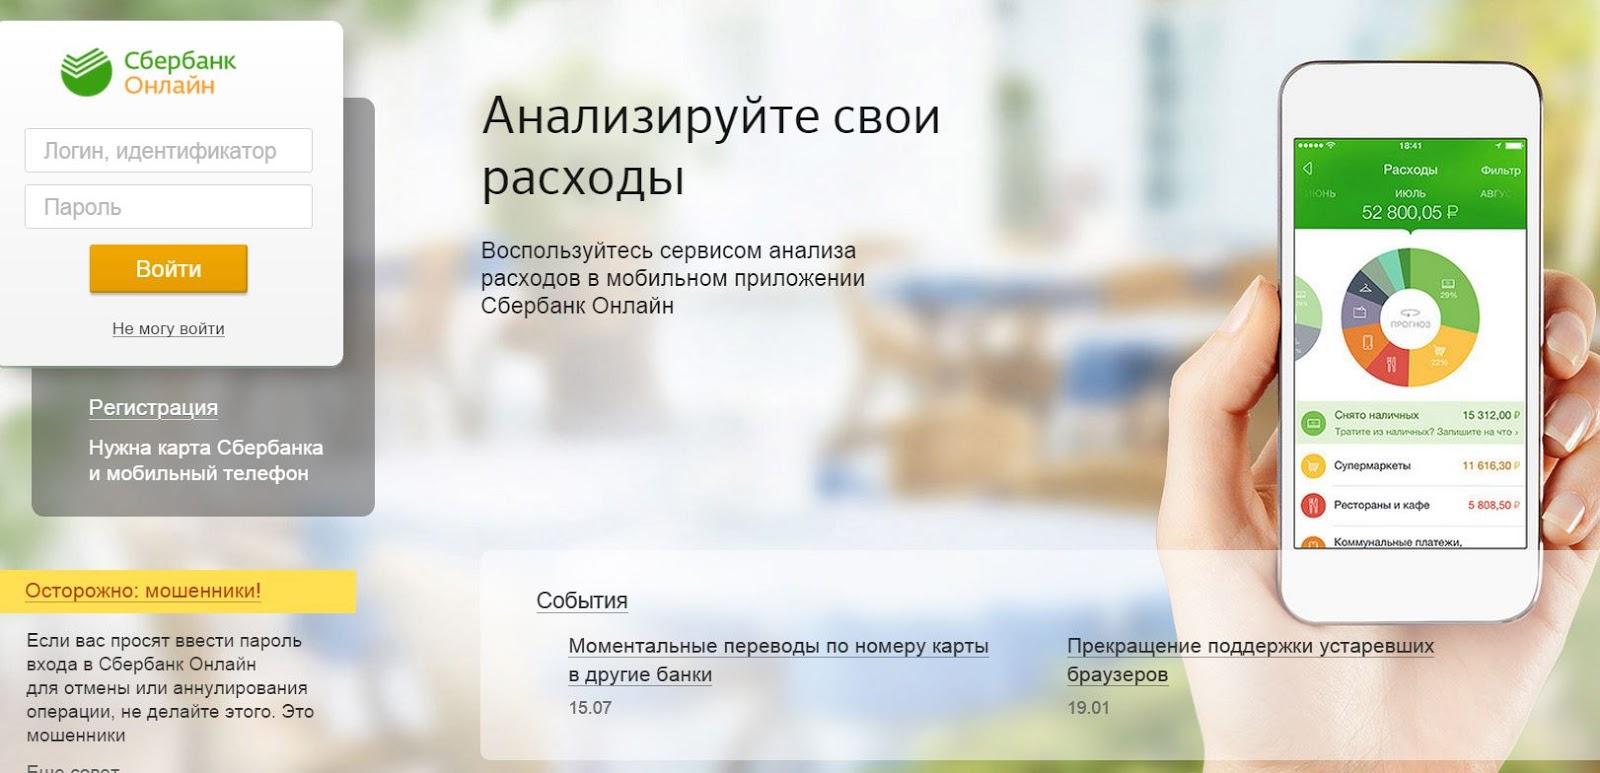 Мобильный сбербанк онлайн на телефон, сбербанк бизнес онлайн для.